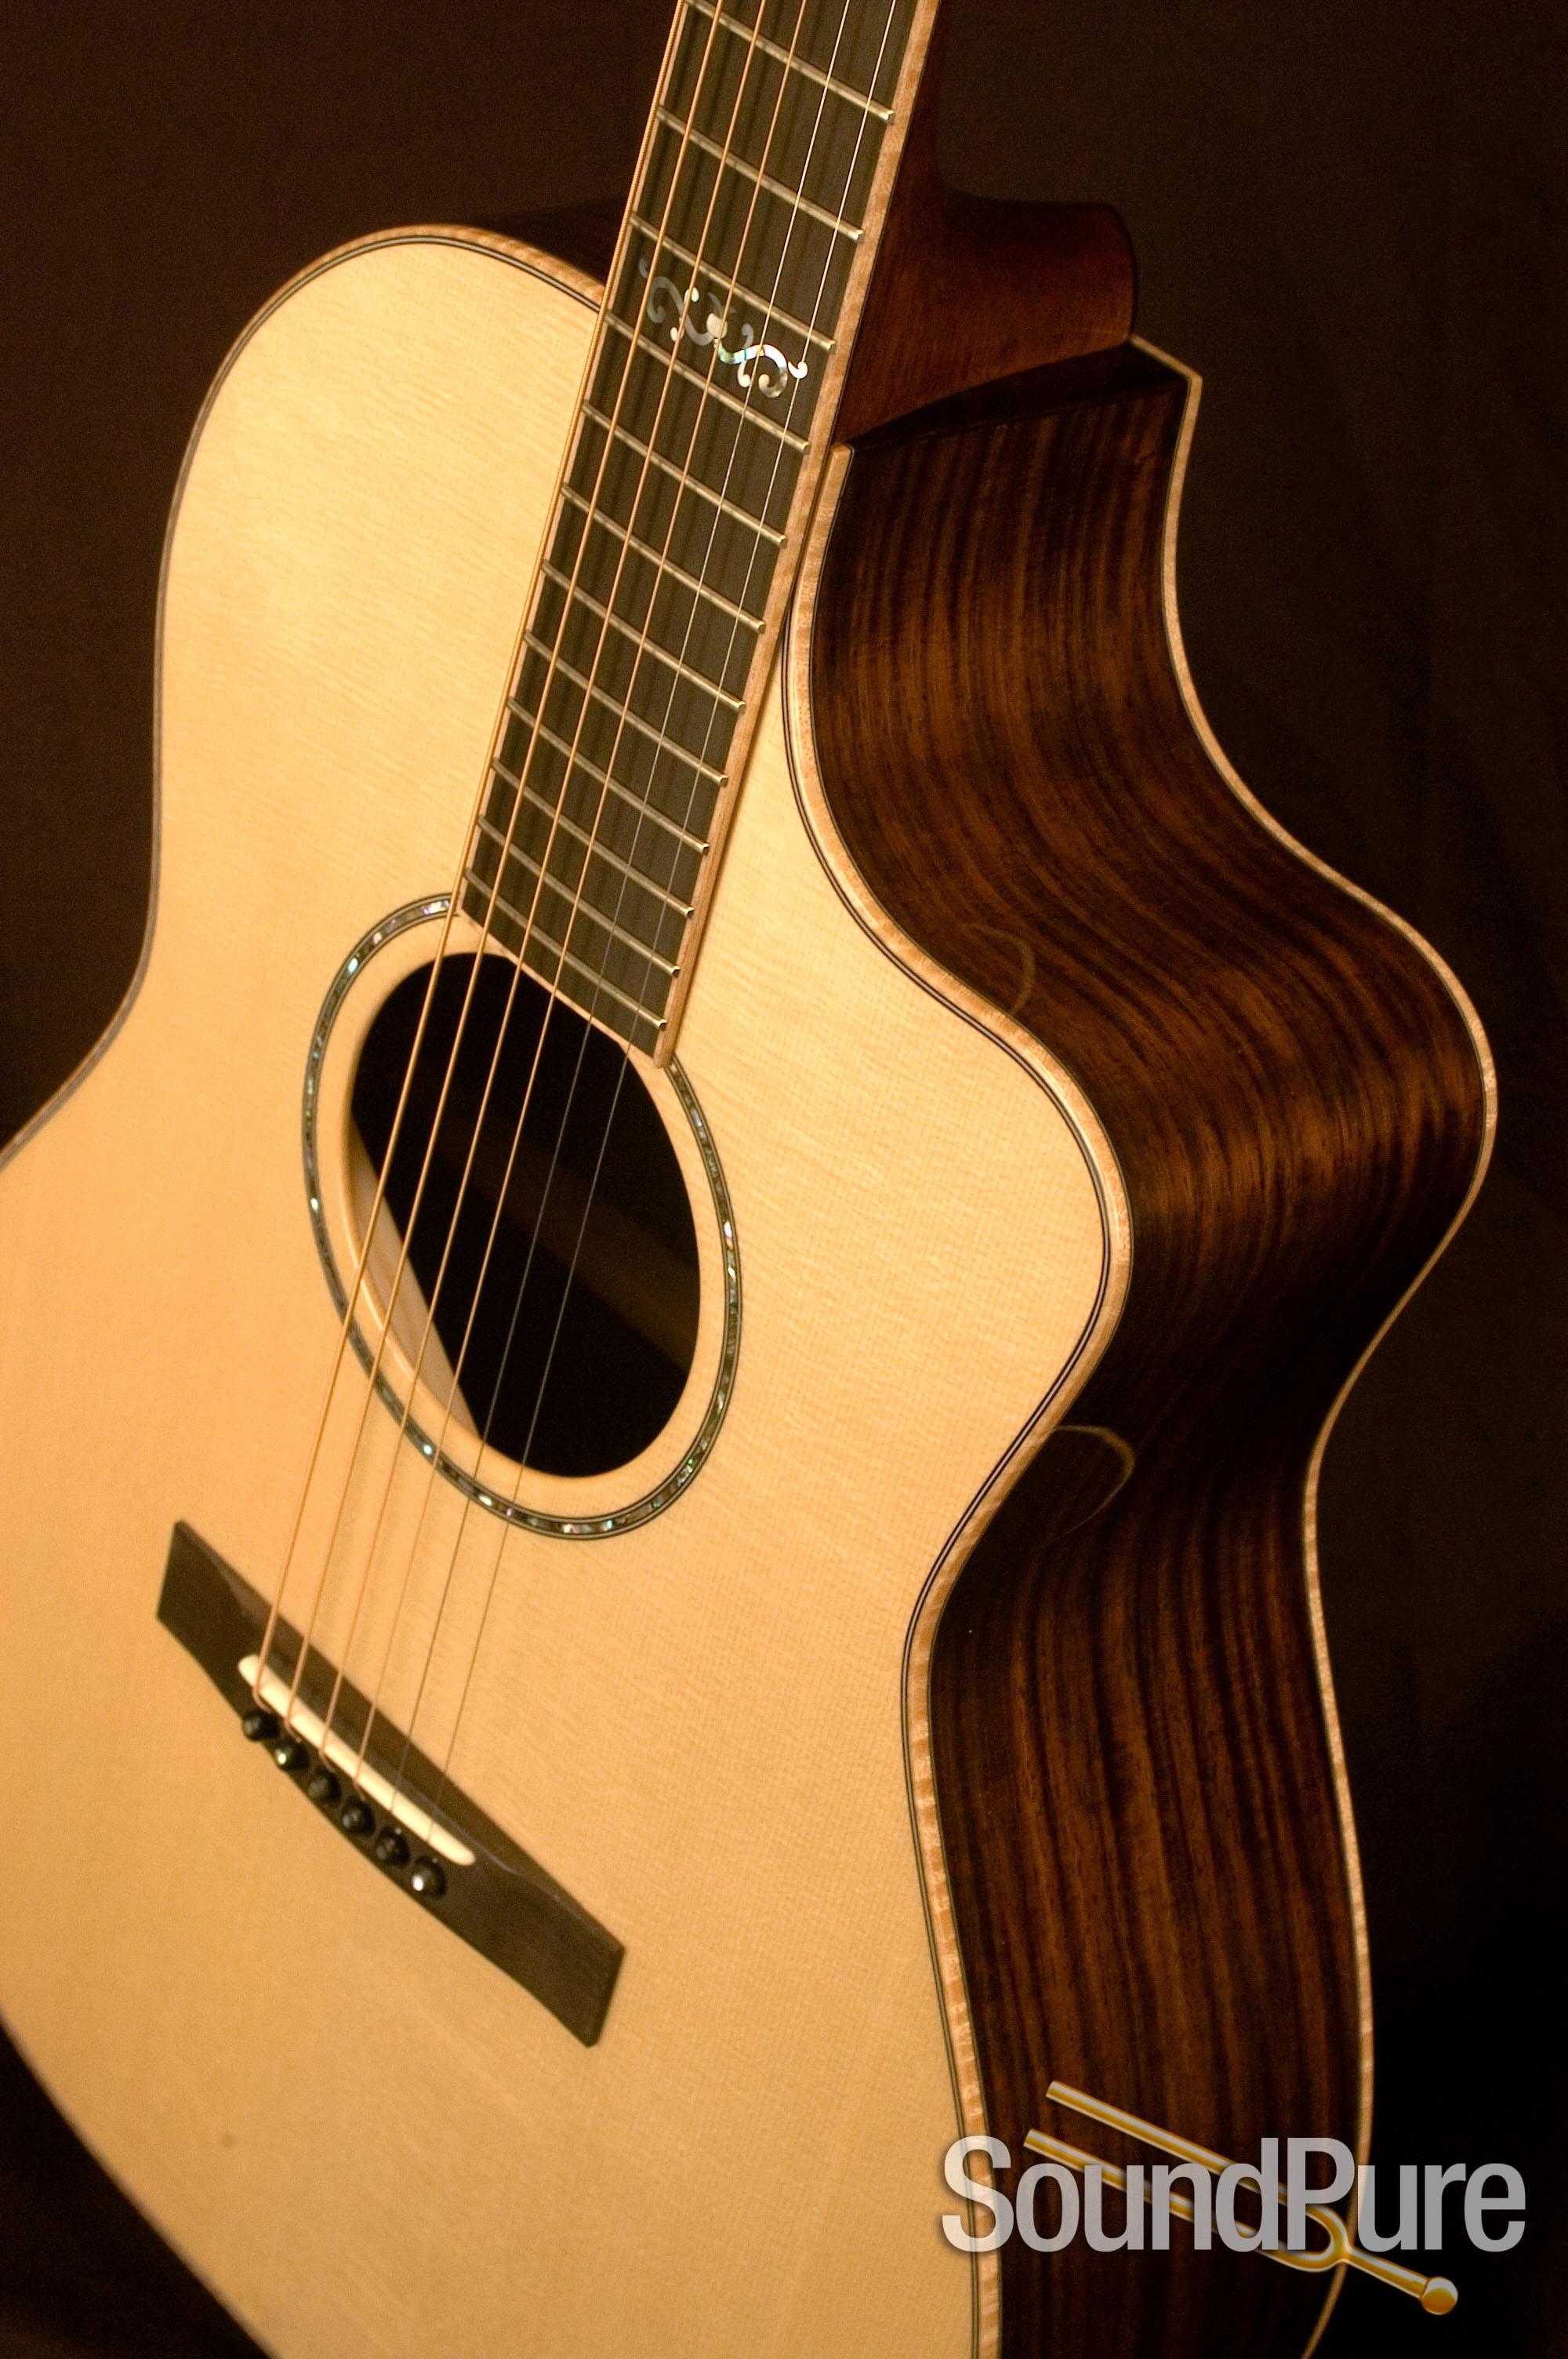 Huss & Dalton Concert Cutaway Acoustic Guitar - NEW ...